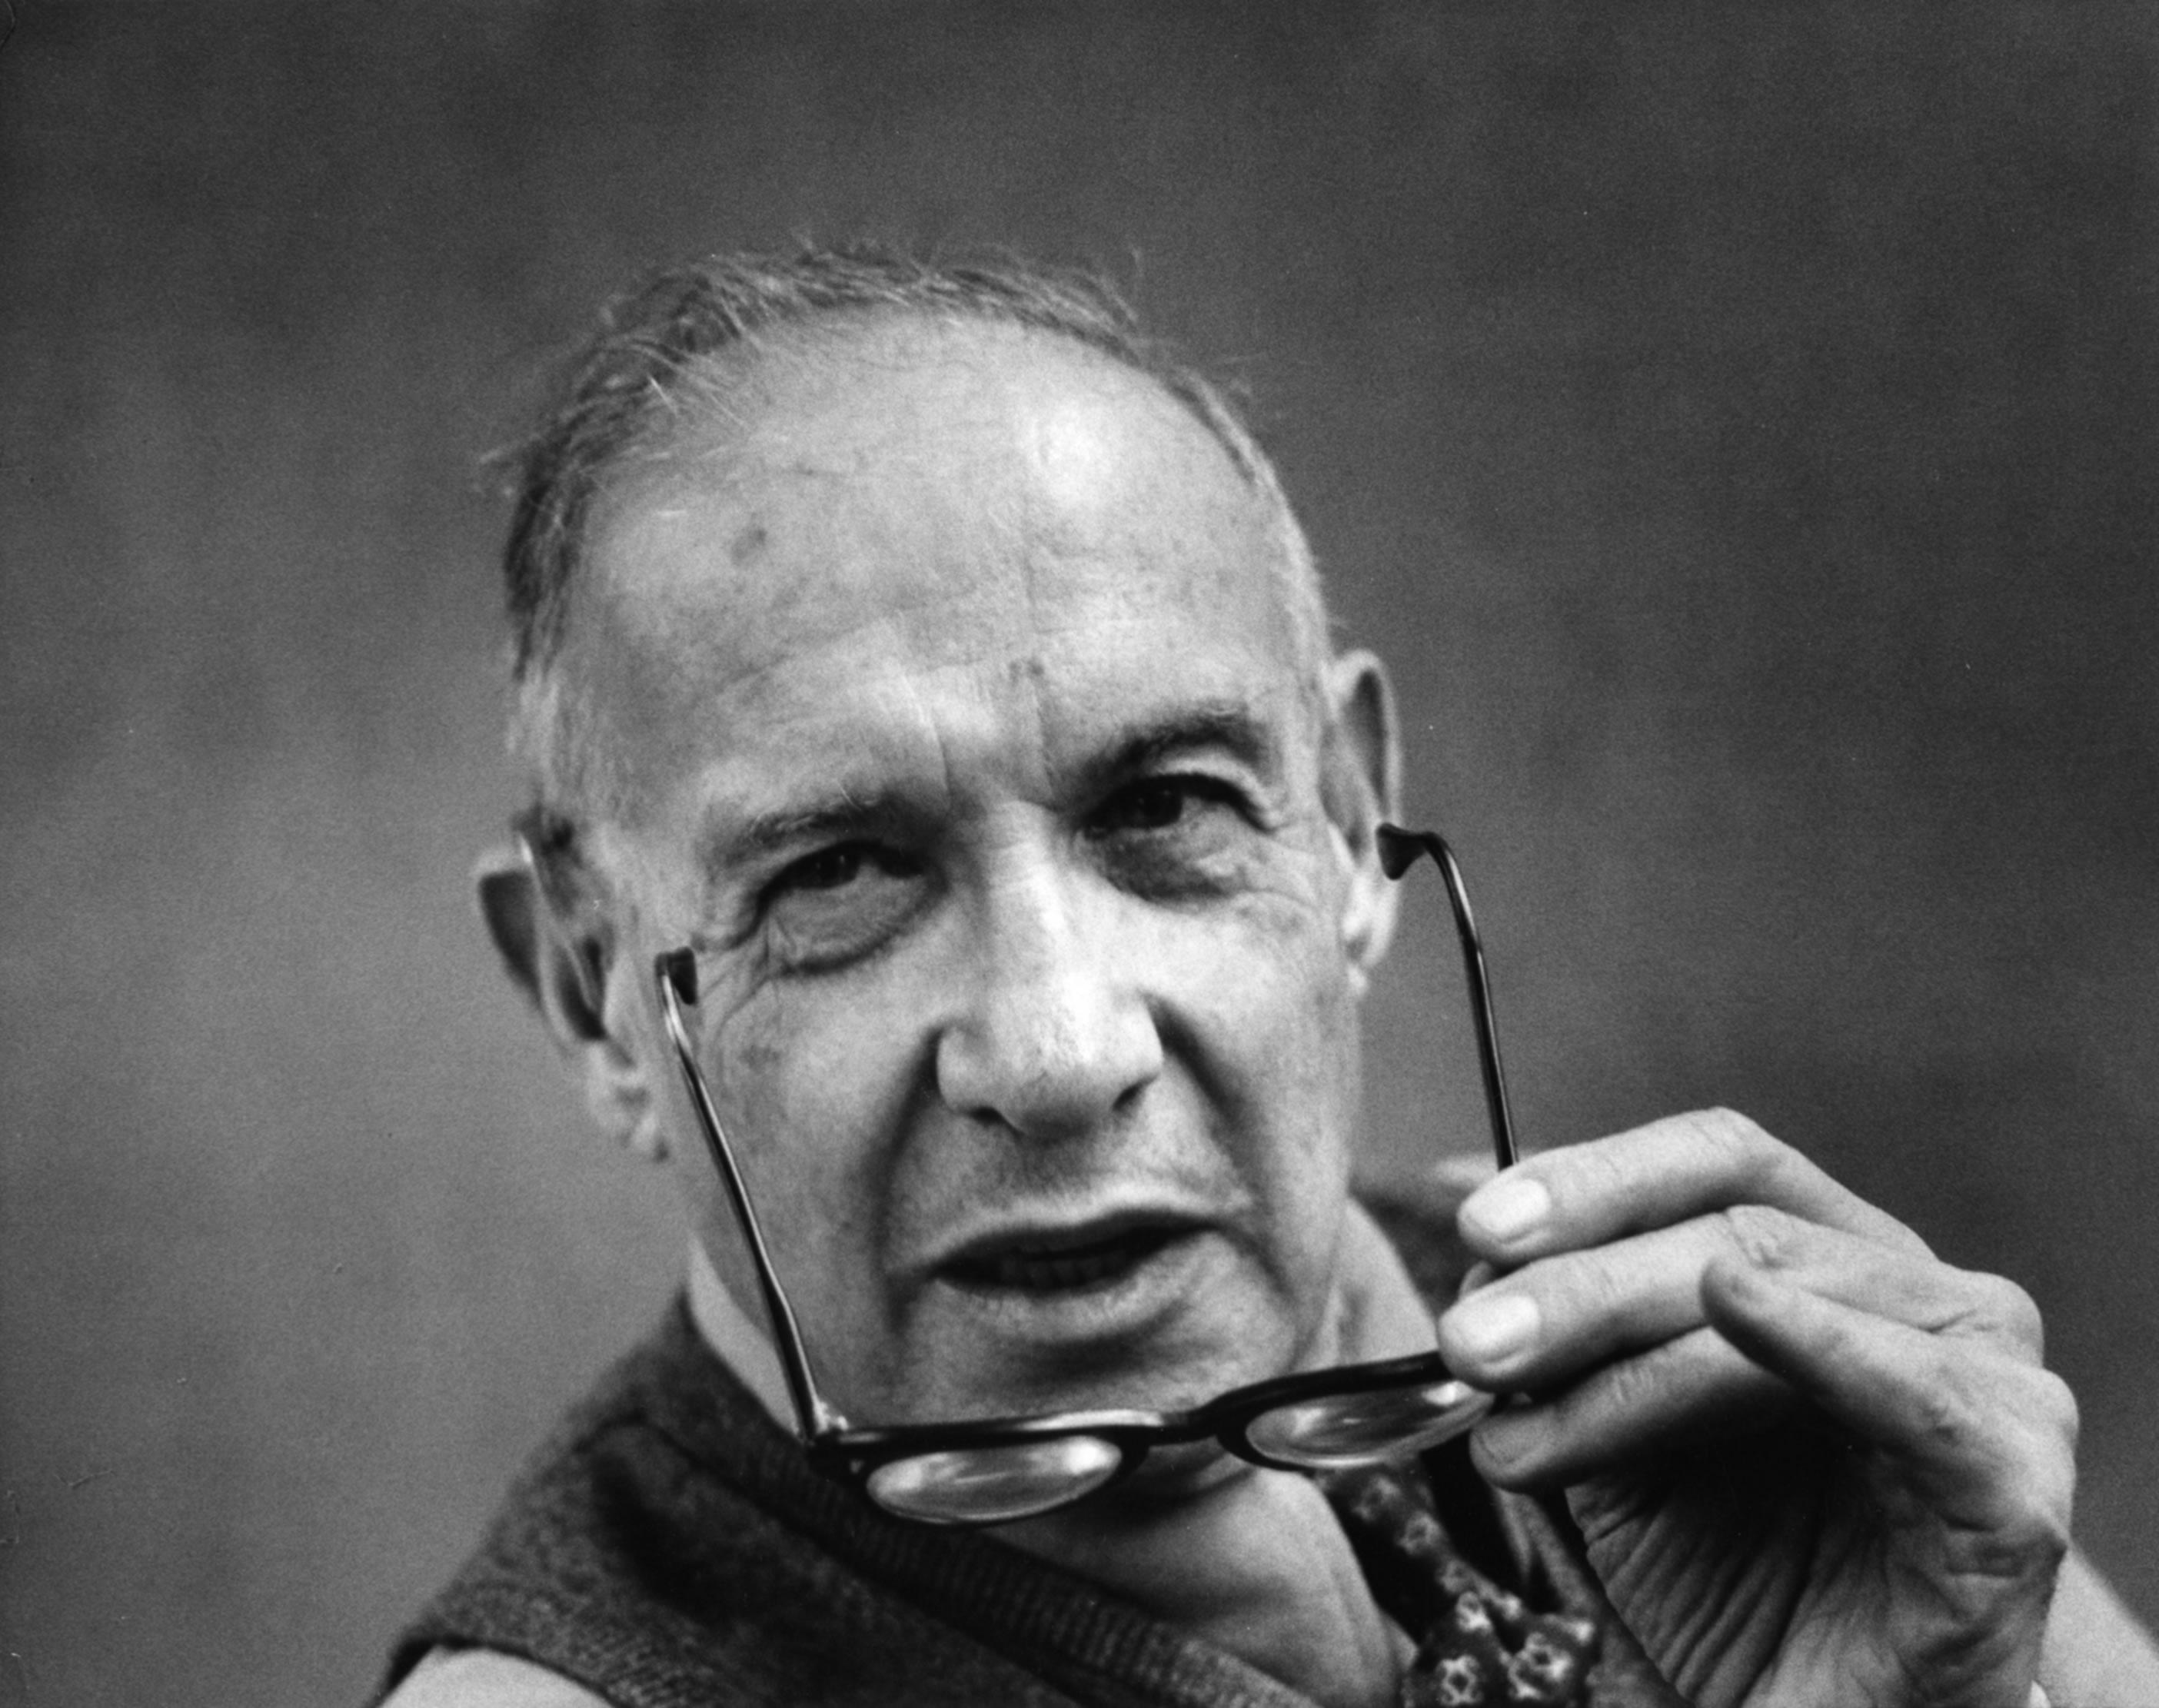 Peter Drucker Avusturyalı Doğum Tarihi Yaşı